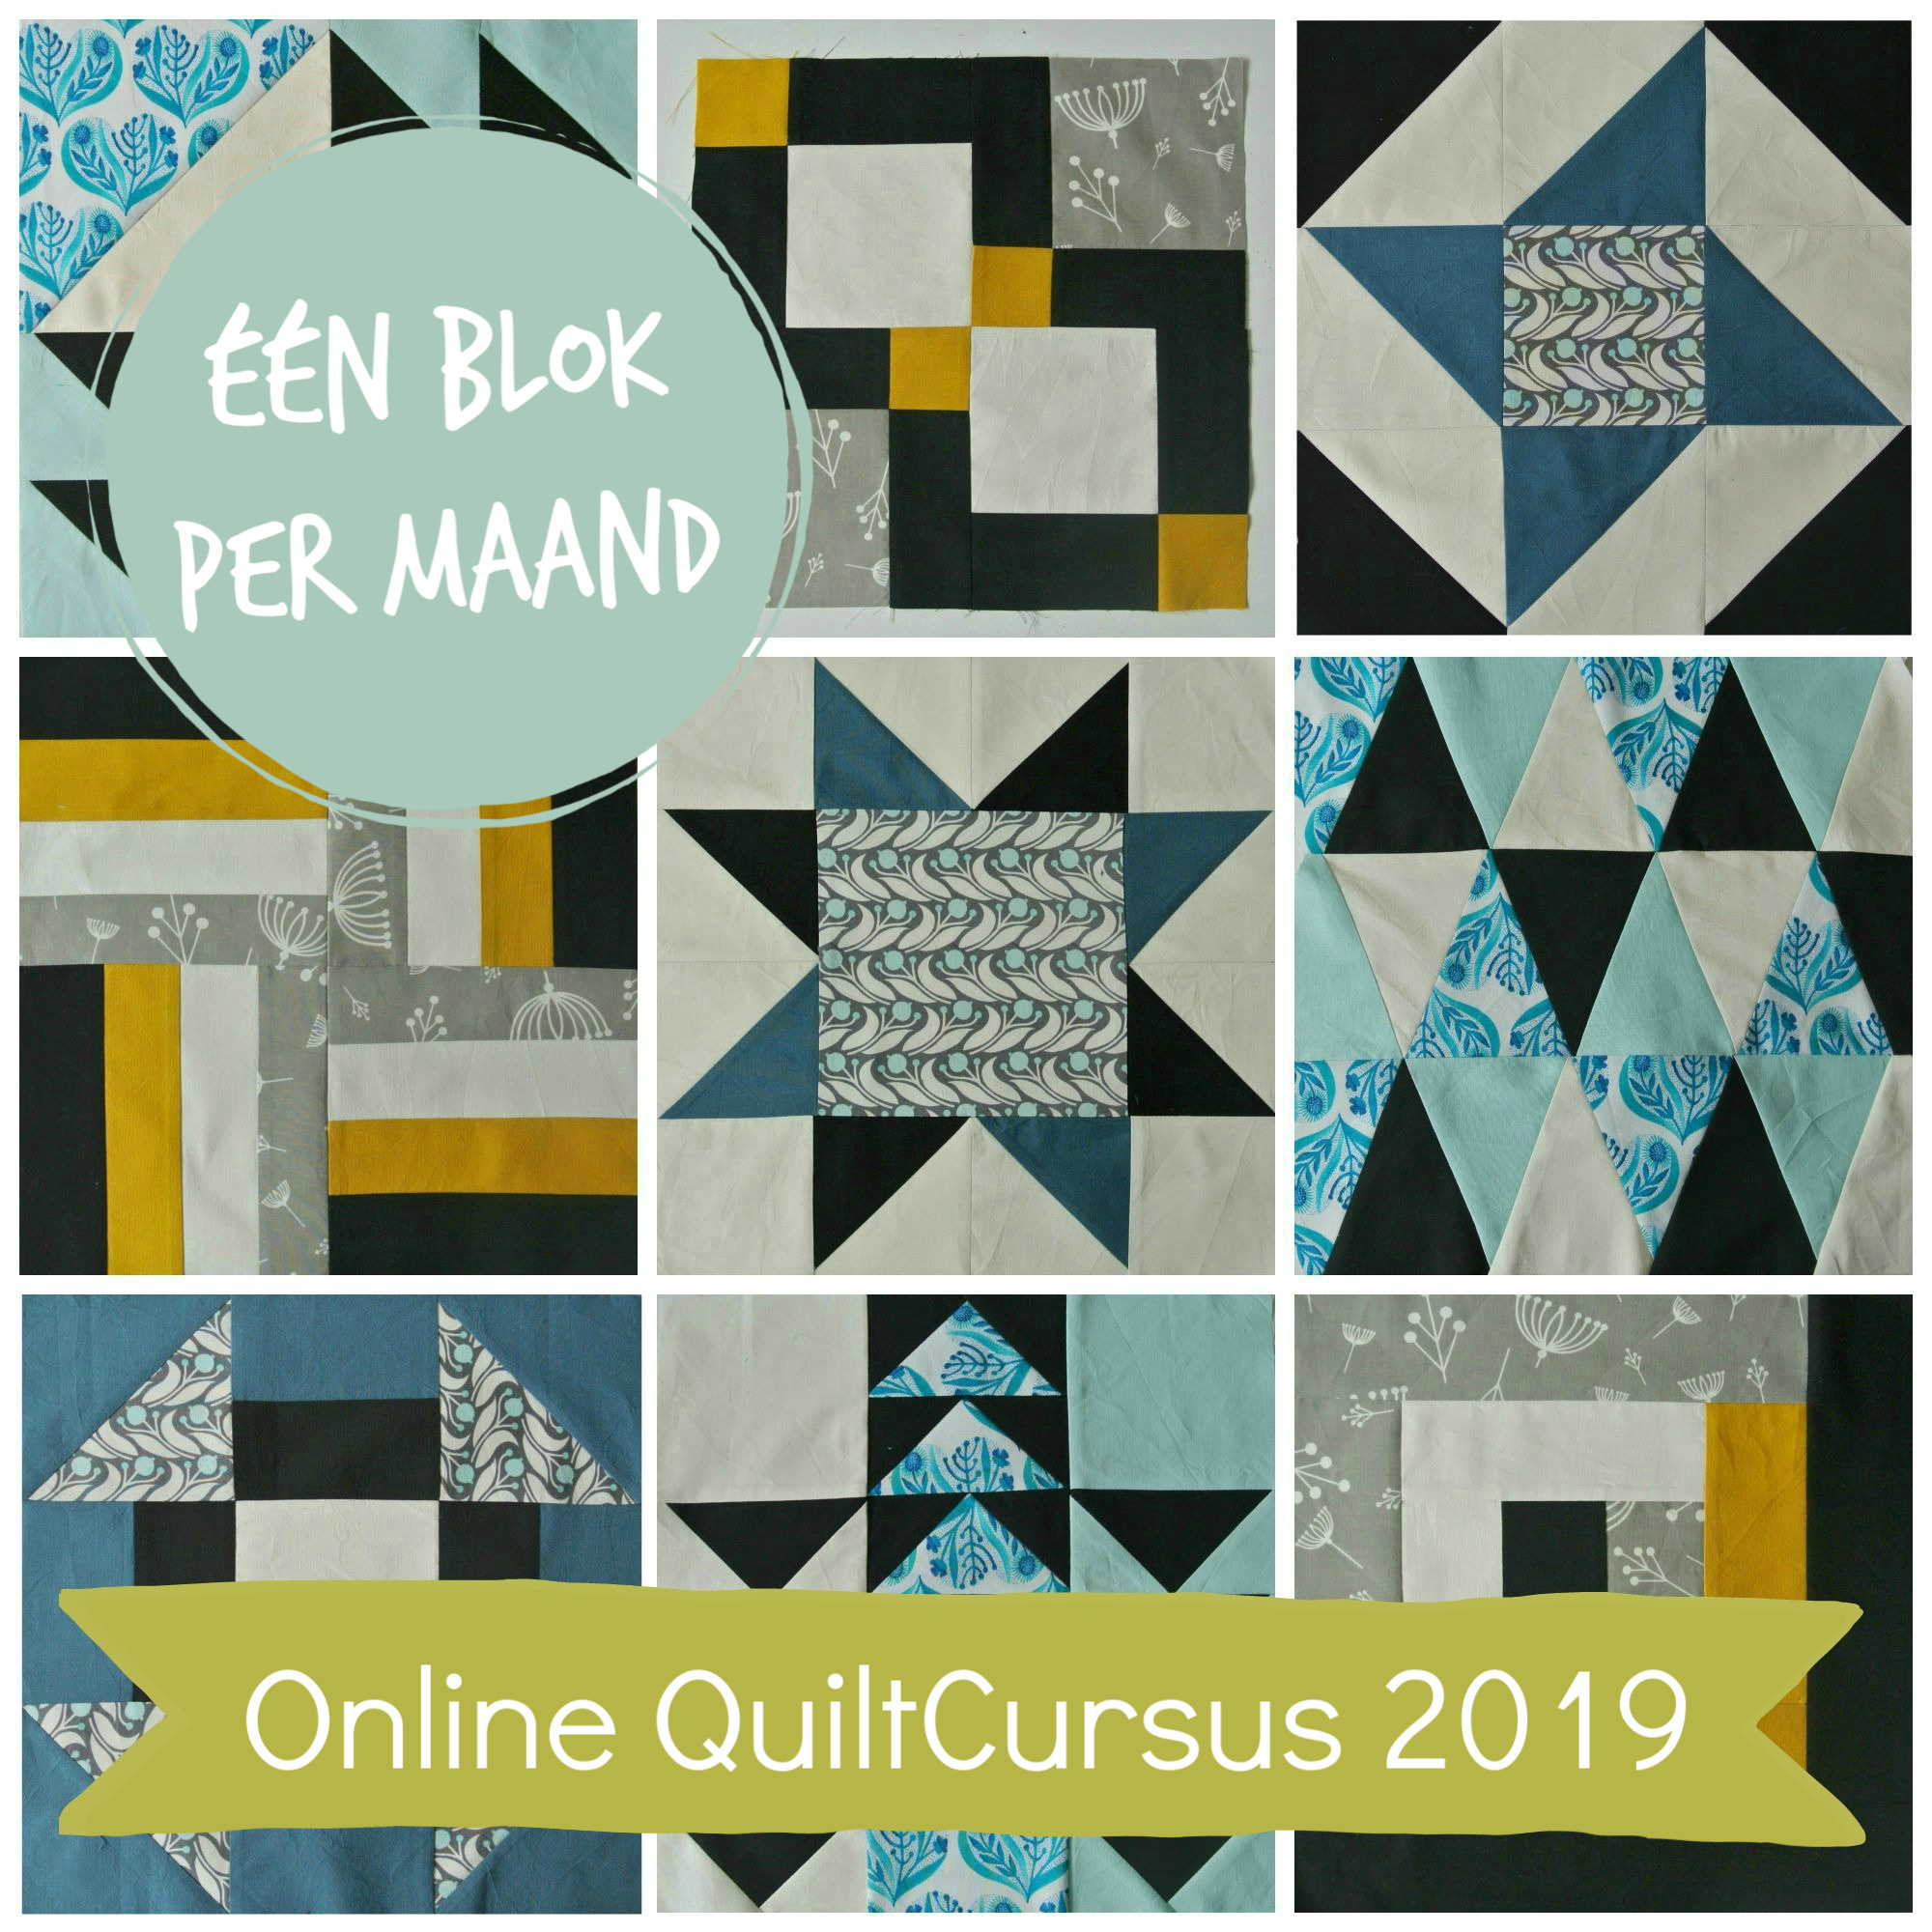 online quiltcursus button 2019